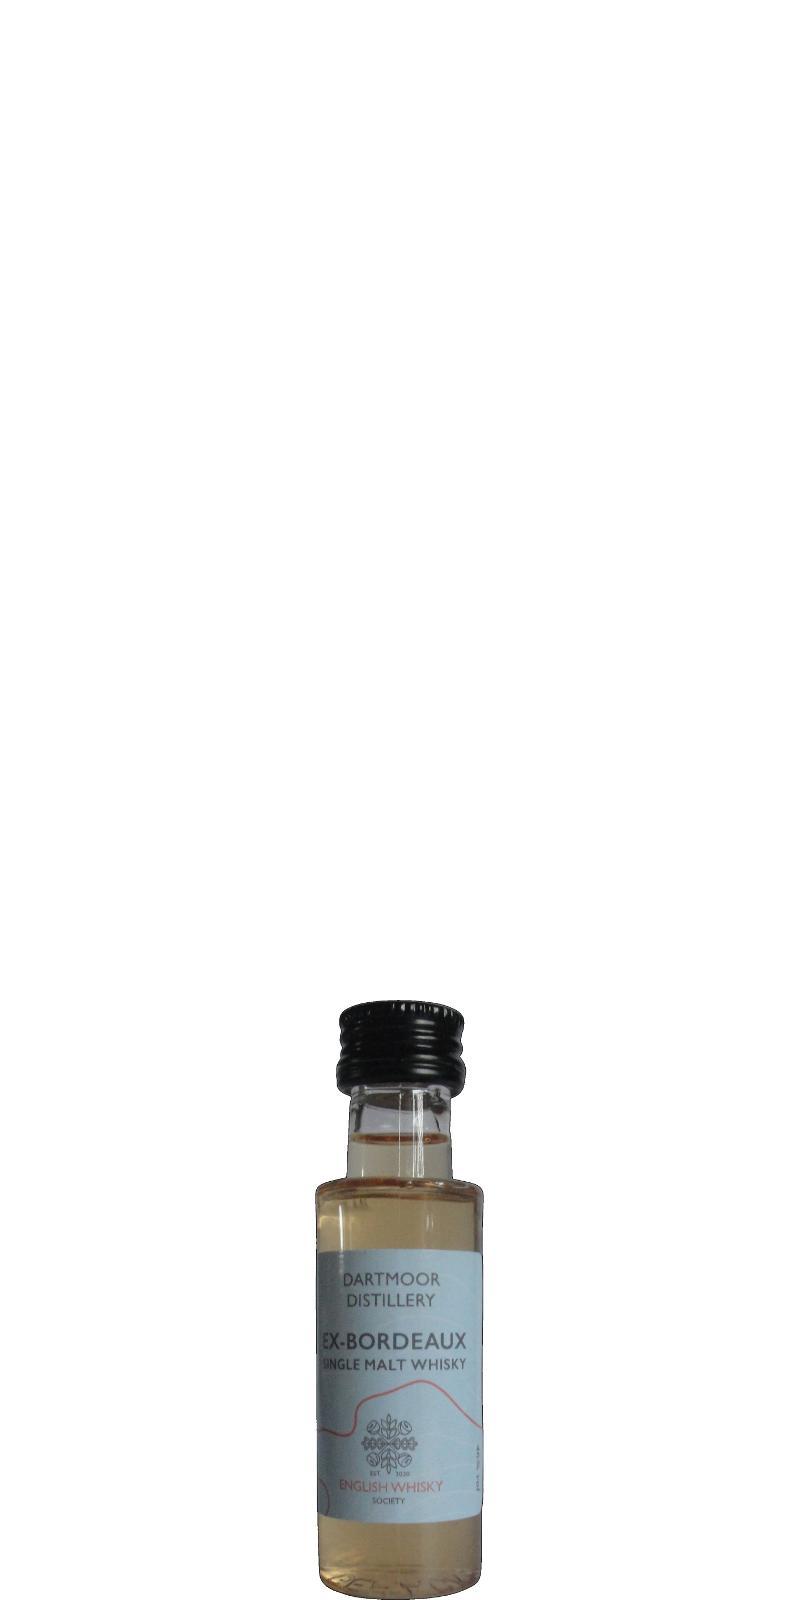 Dartmoor Whisky Ex-Bordeaux TDT